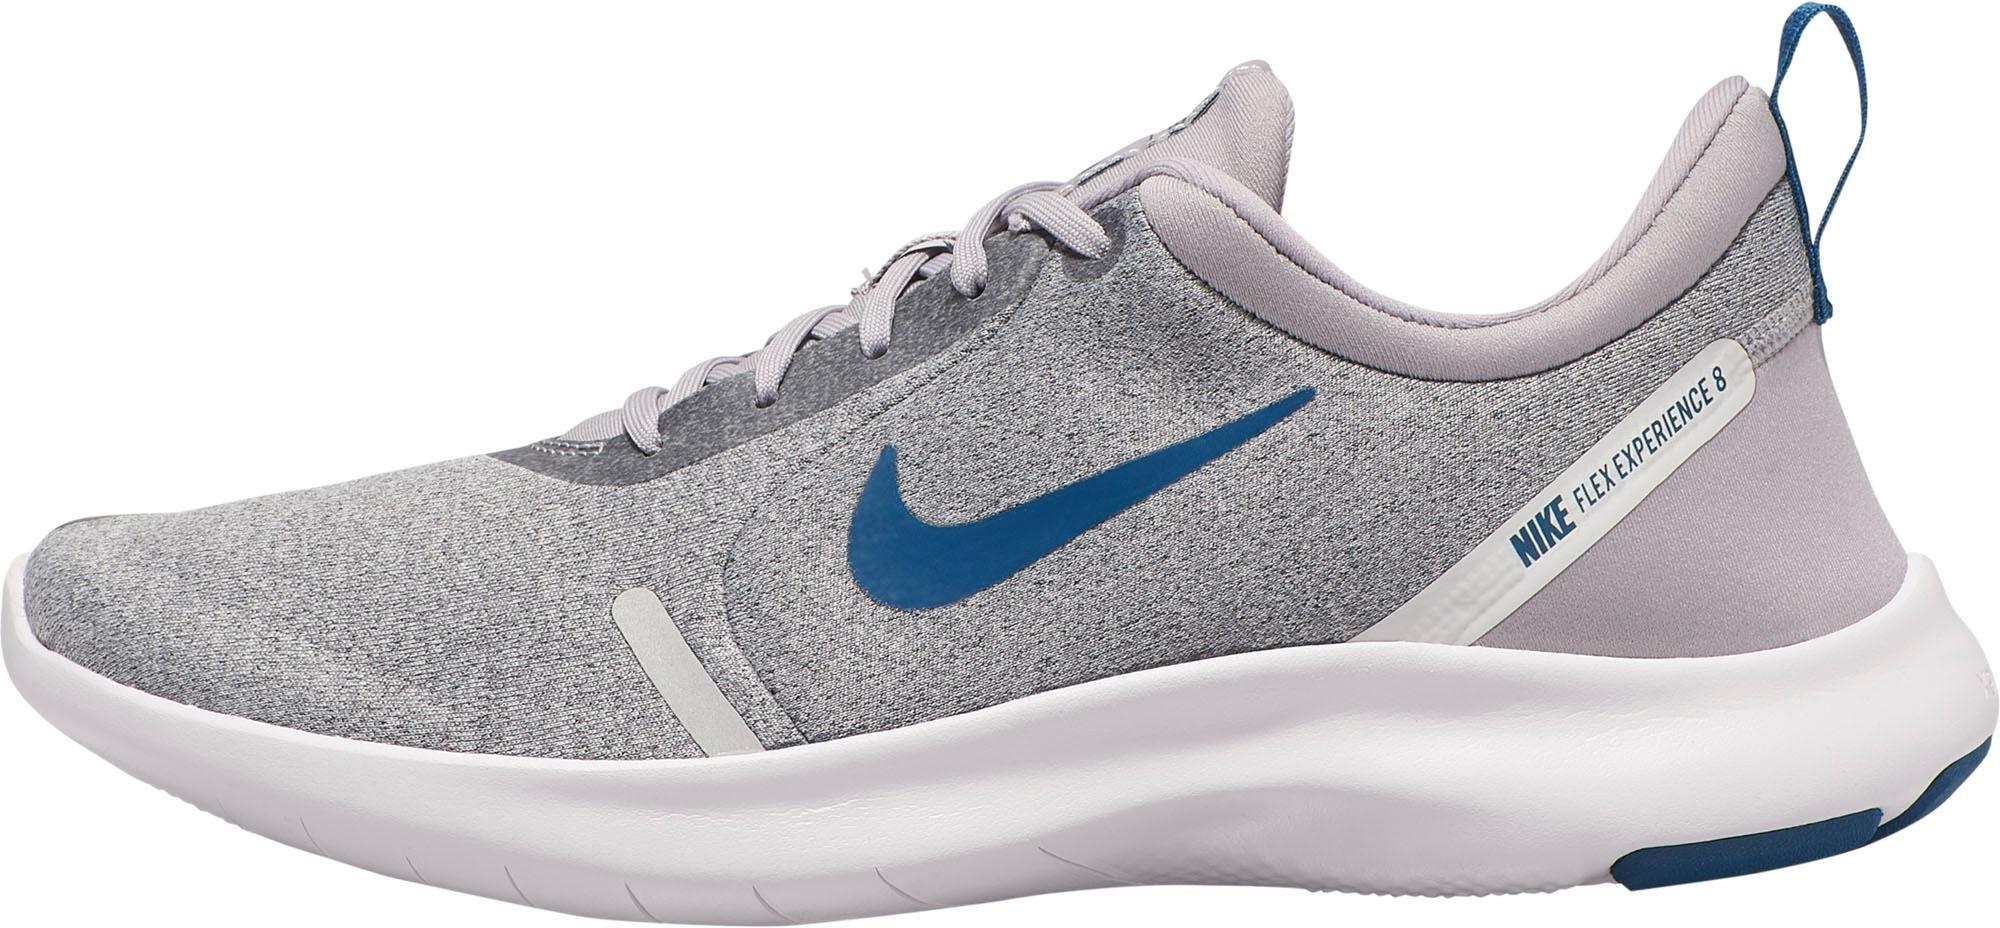 Nike runningschoenen »Flex Experience Run 8« nu online bestellen